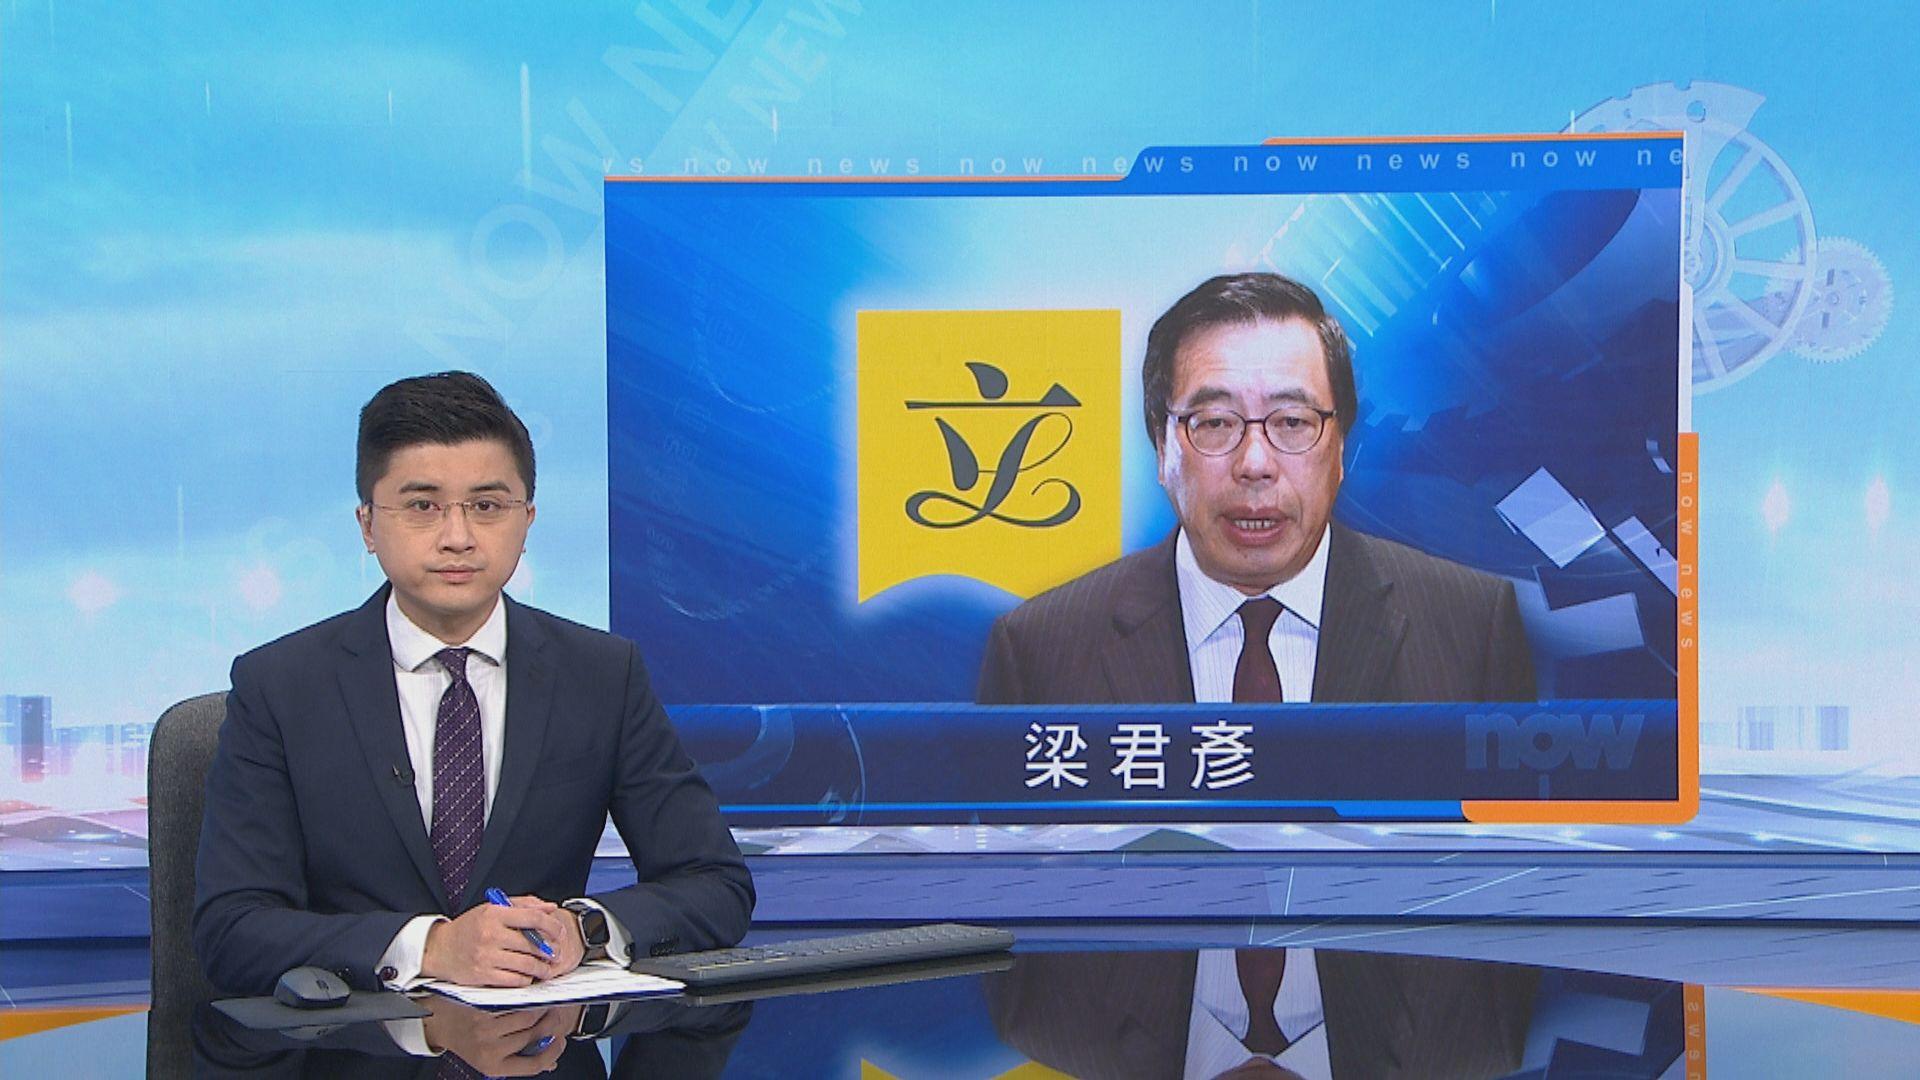 梁君彥歡迎民主派續任 期望能務實工作